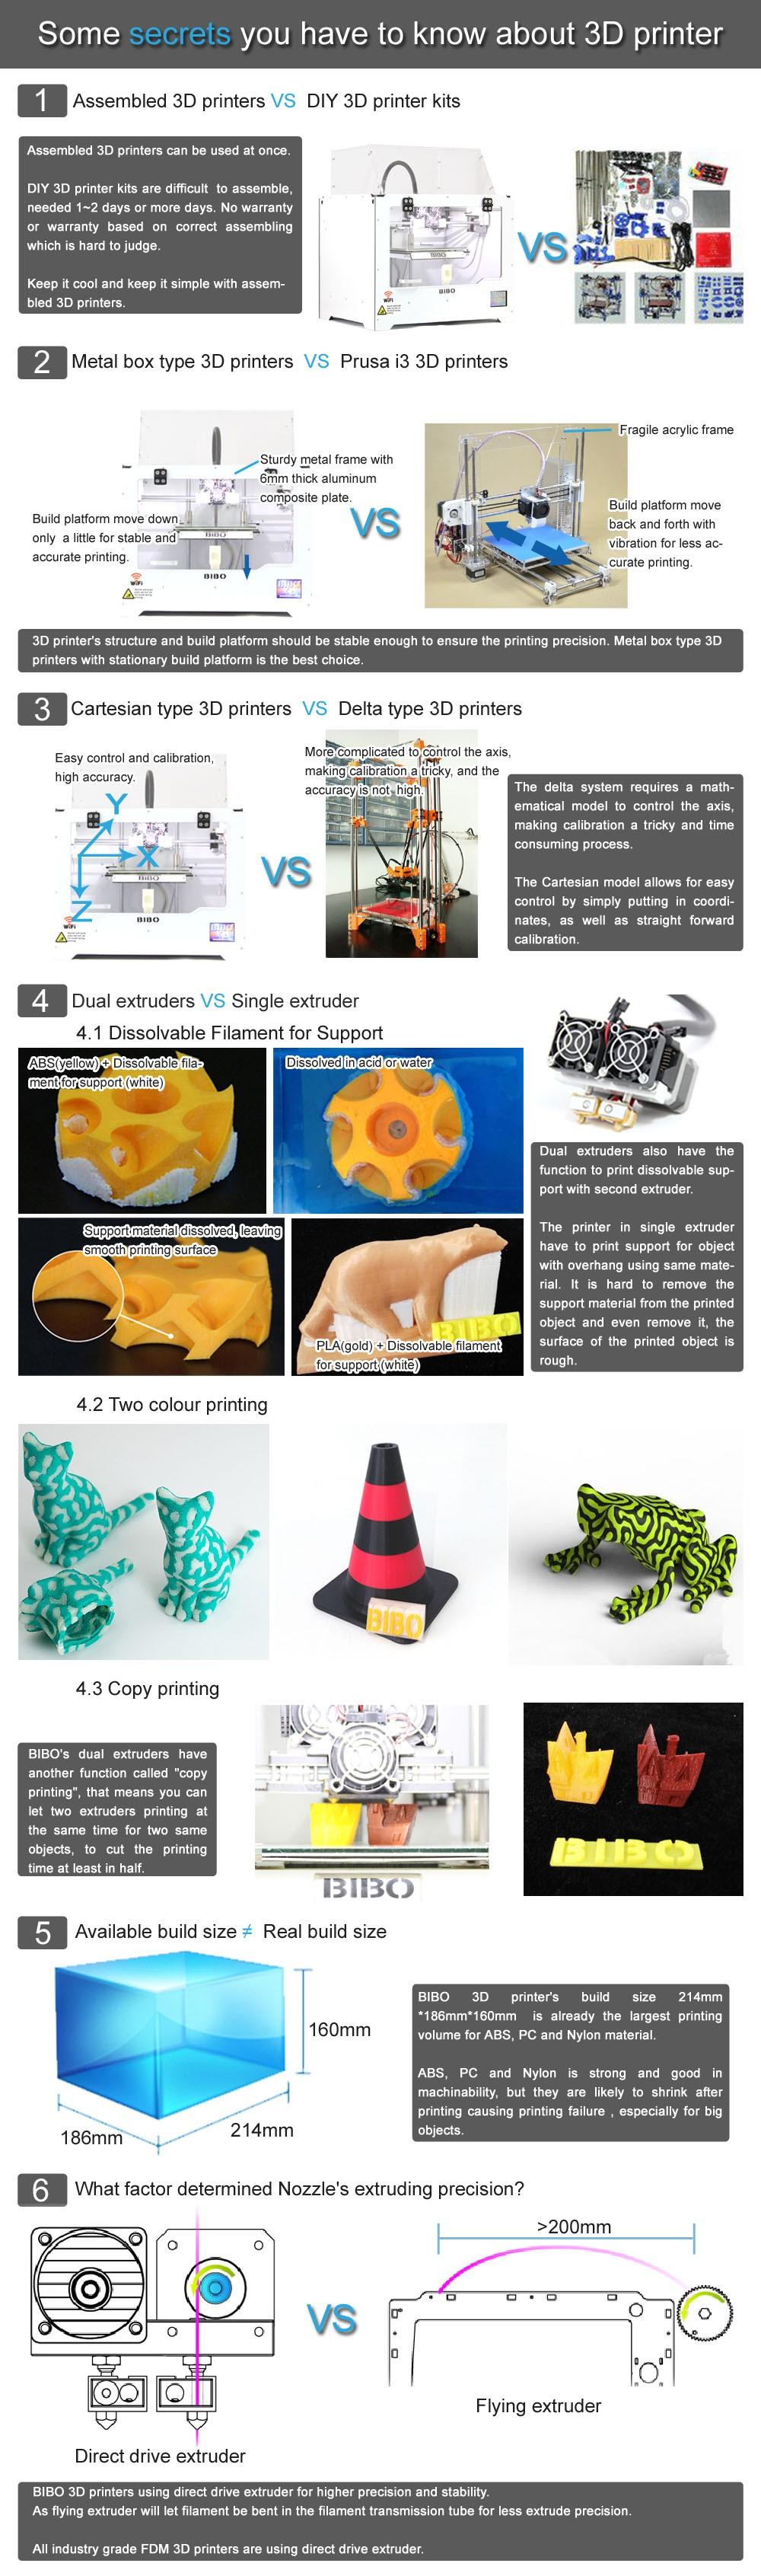 [BIBO] segredos para impressora 3D